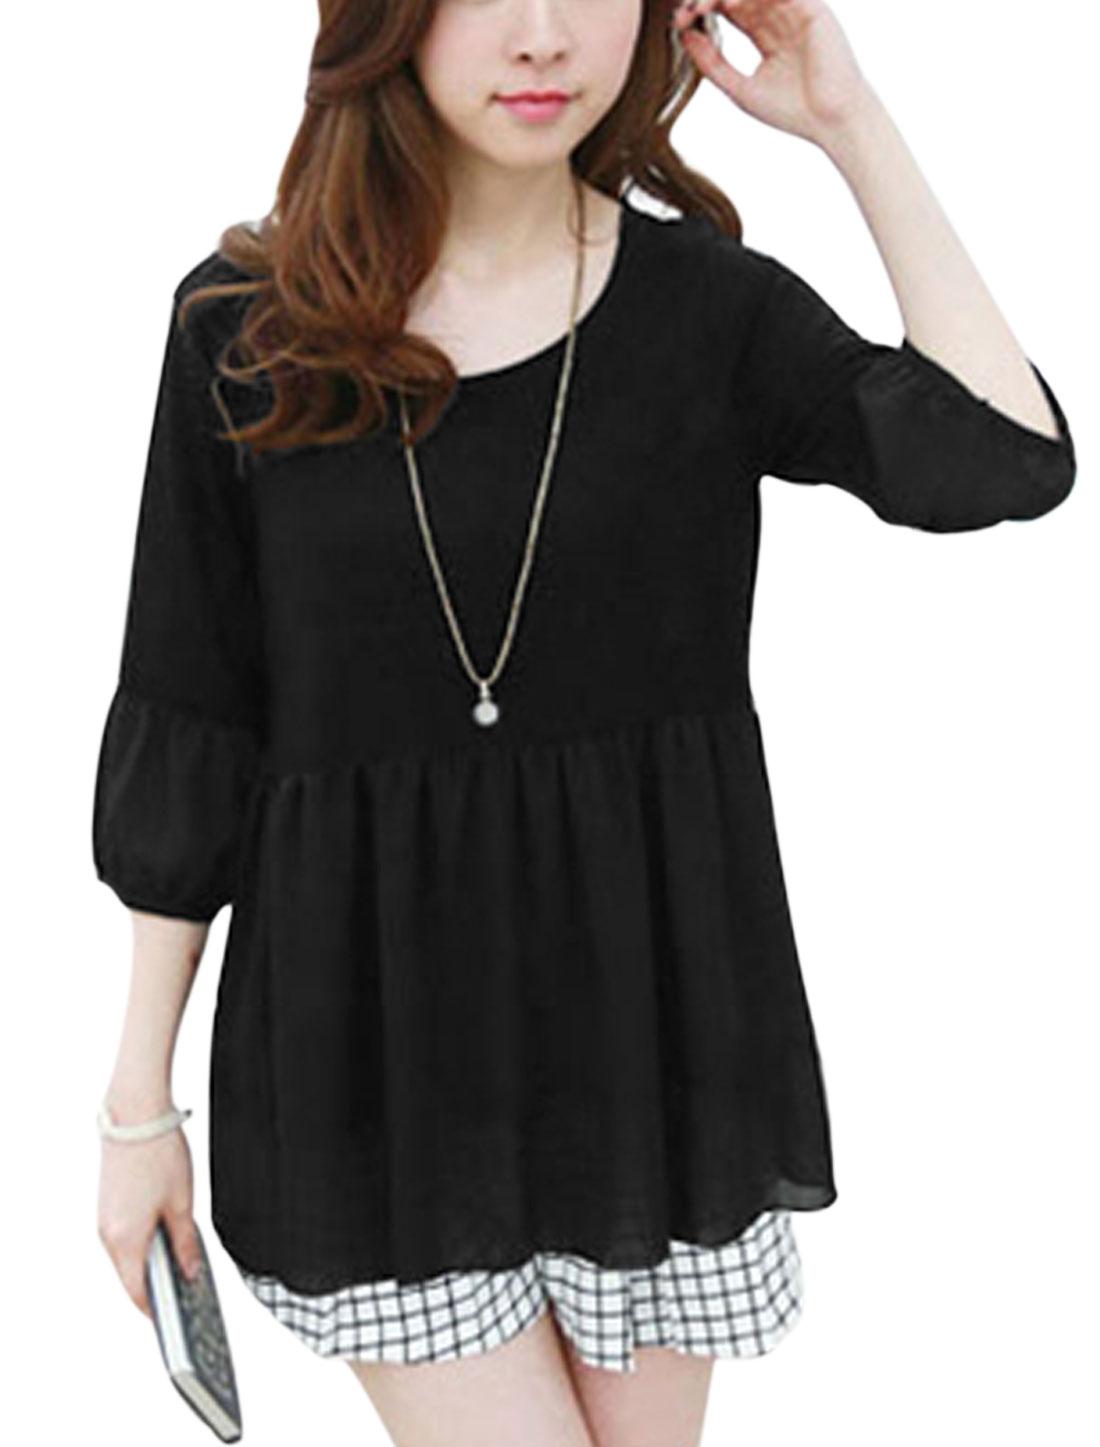 Lady 3/4 Sleeves Chiffon Panel Cuff w Hem Tunic Blouse Black S